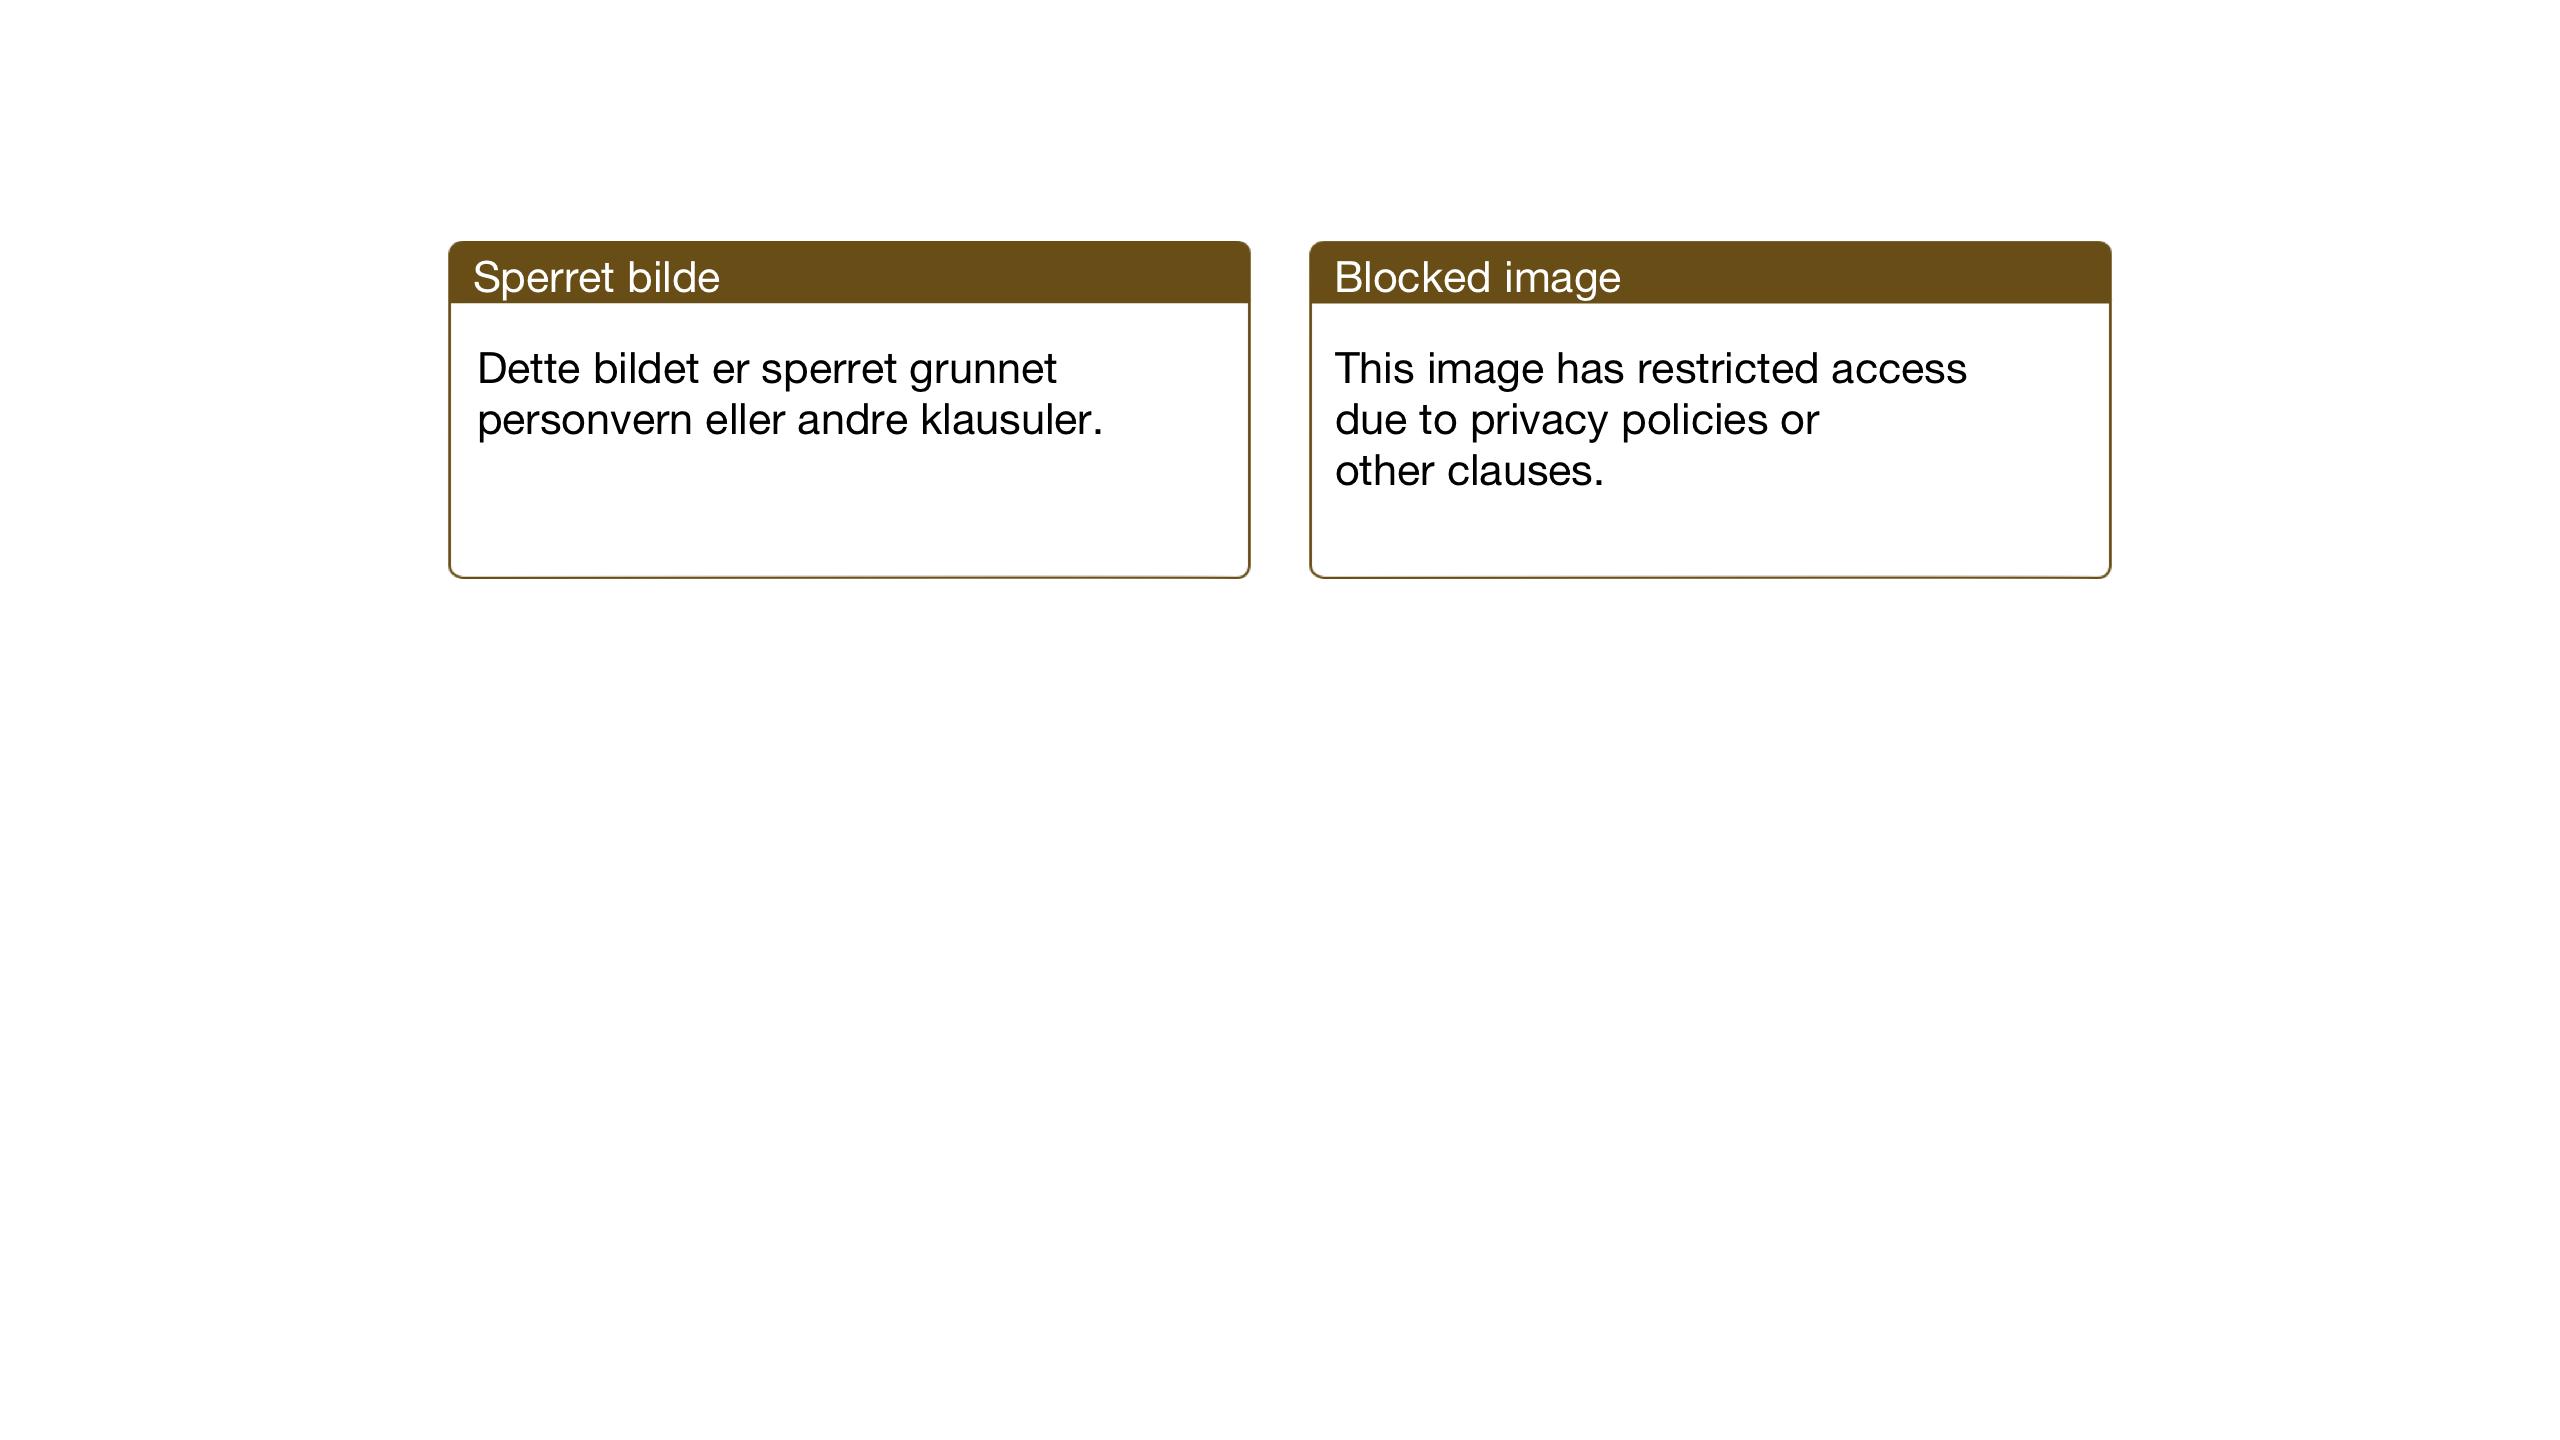 SAT, Ministerialprotokoller, klokkerbøker og fødselsregistre - Nord-Trøndelag, 755/L0500: Klokkerbok nr. 755C01, 1920-1962, s. 66